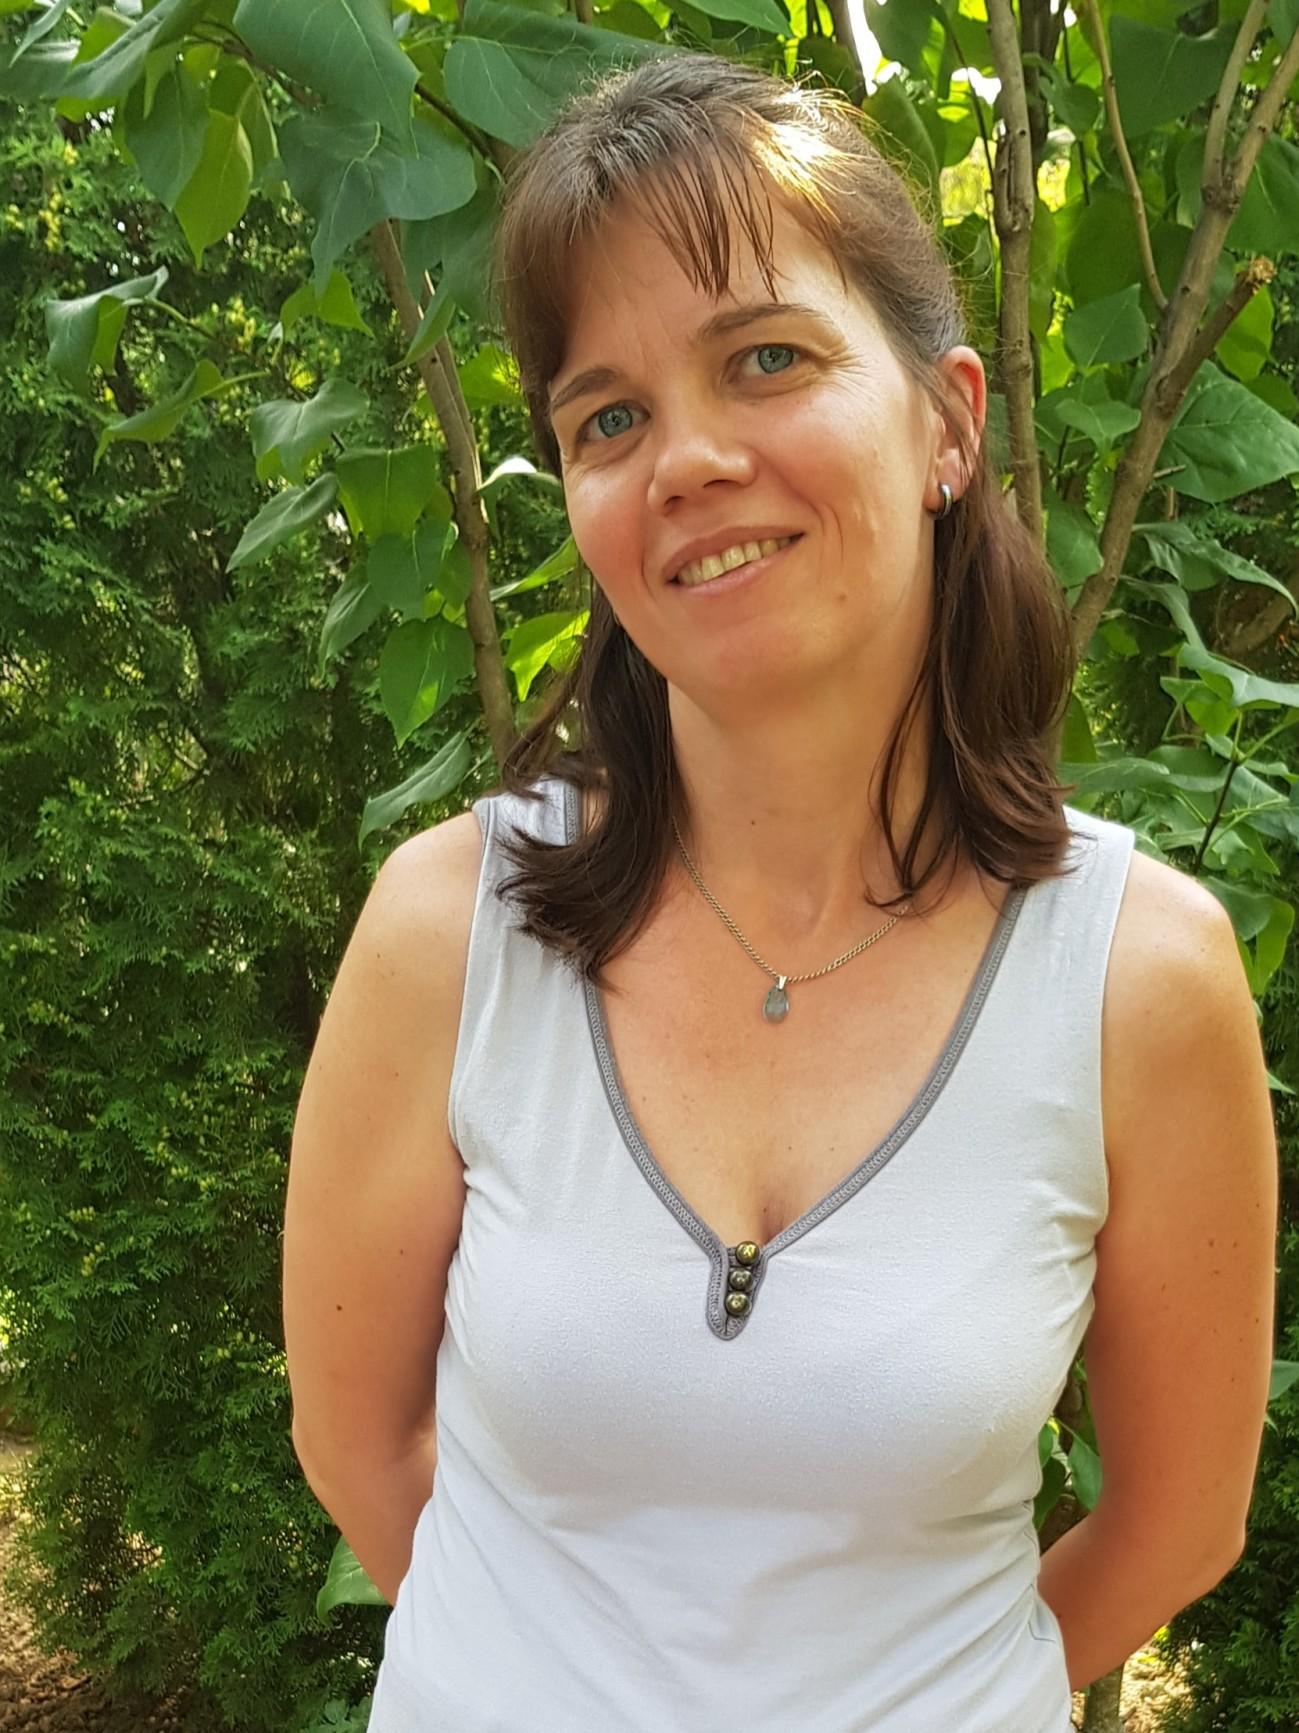 társkereső egyedülálló nő 86)